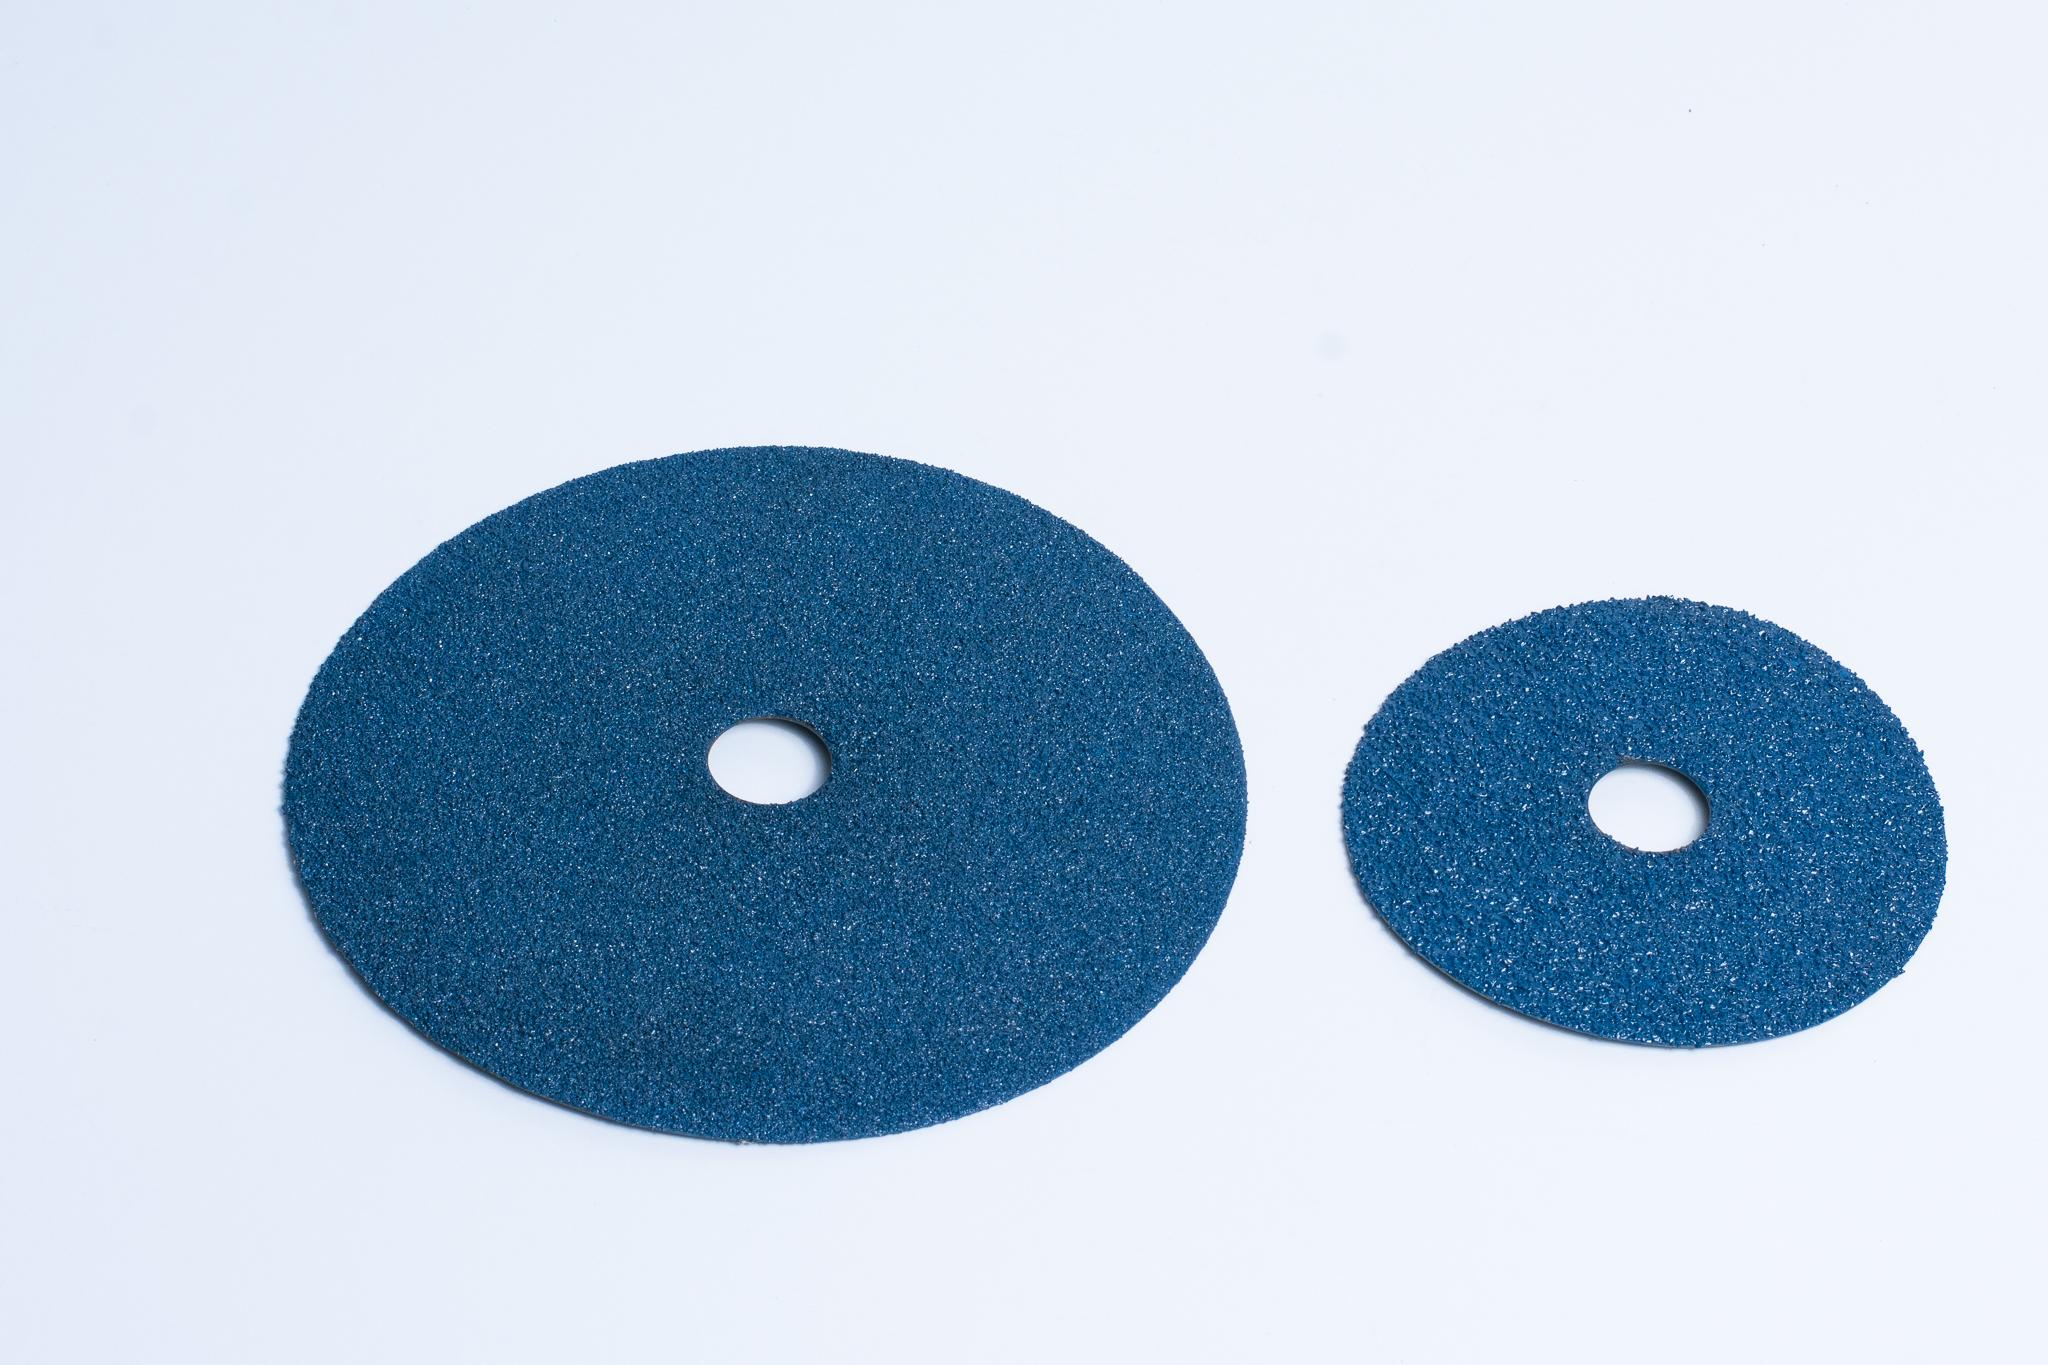 zirc-fibre-discs